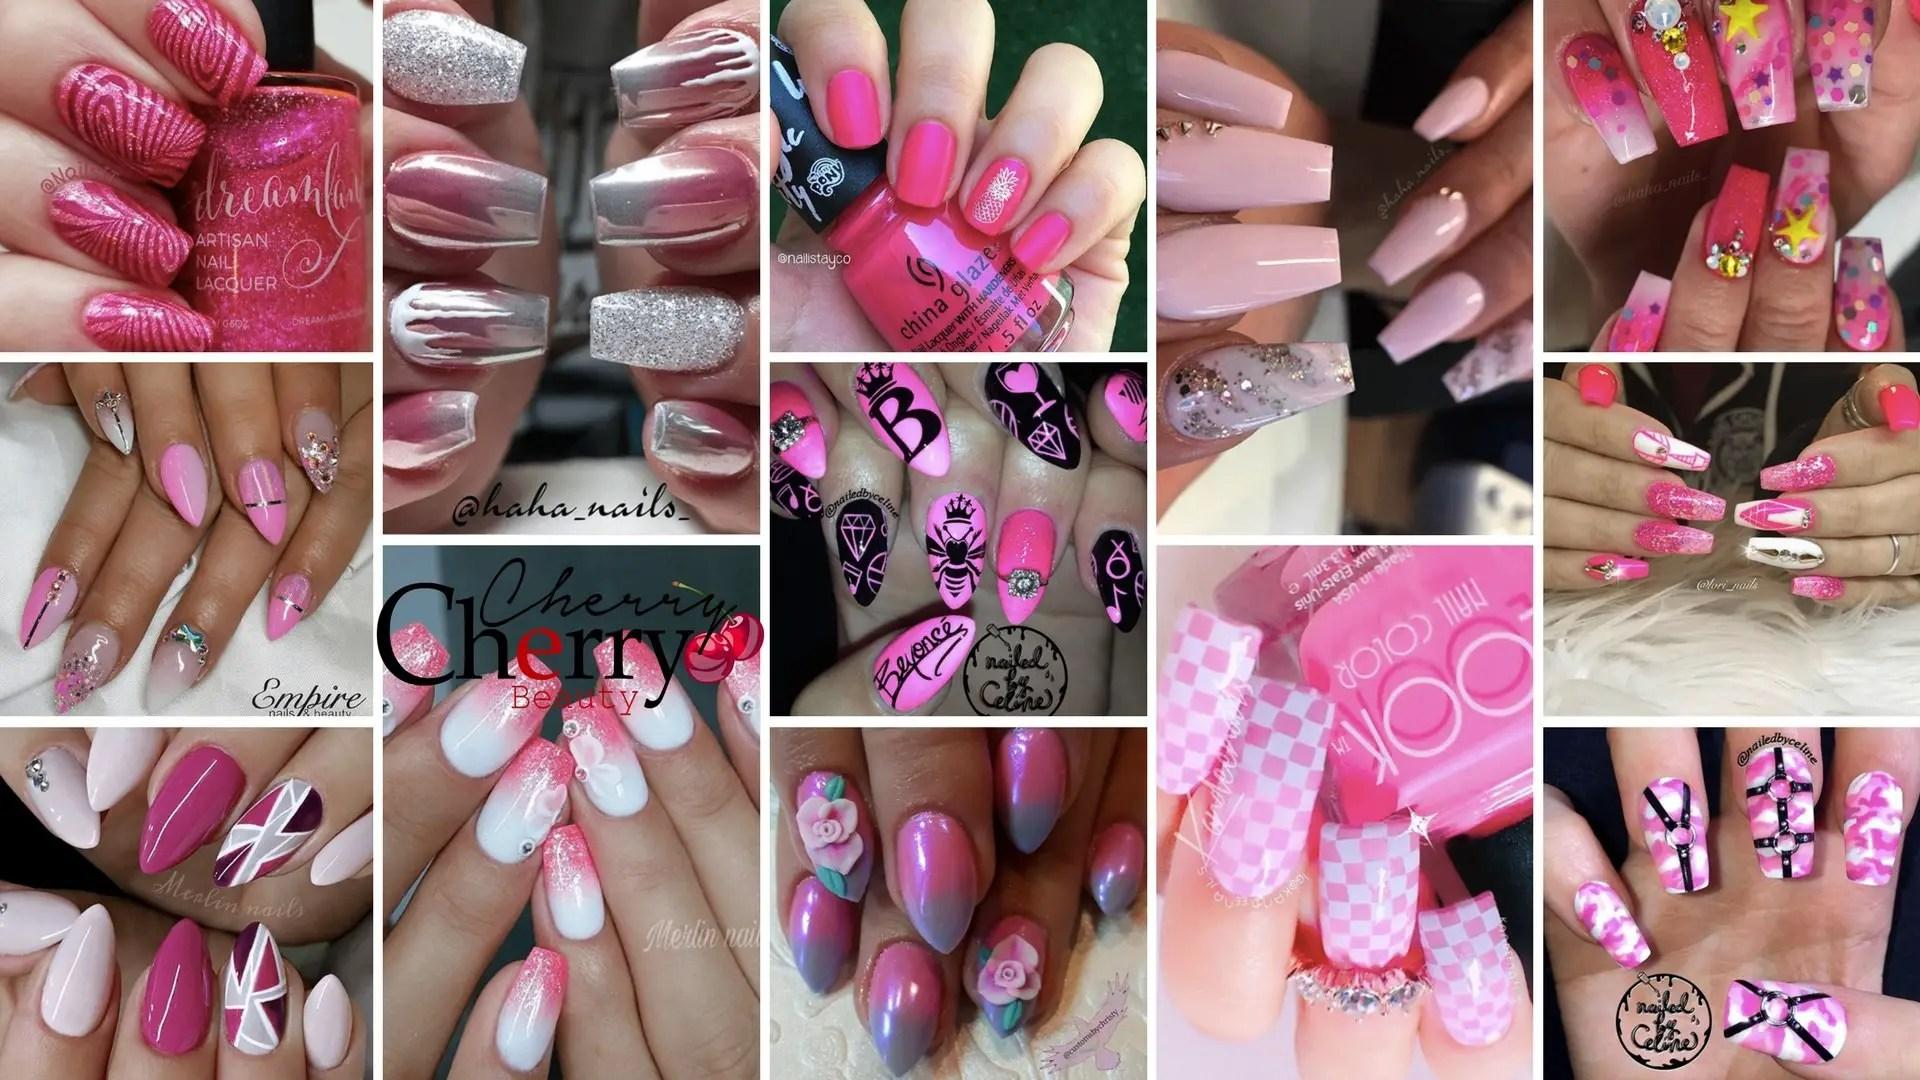 31 Looks: Pretty Pink Nail Inspiration - CherryCherryBeauty